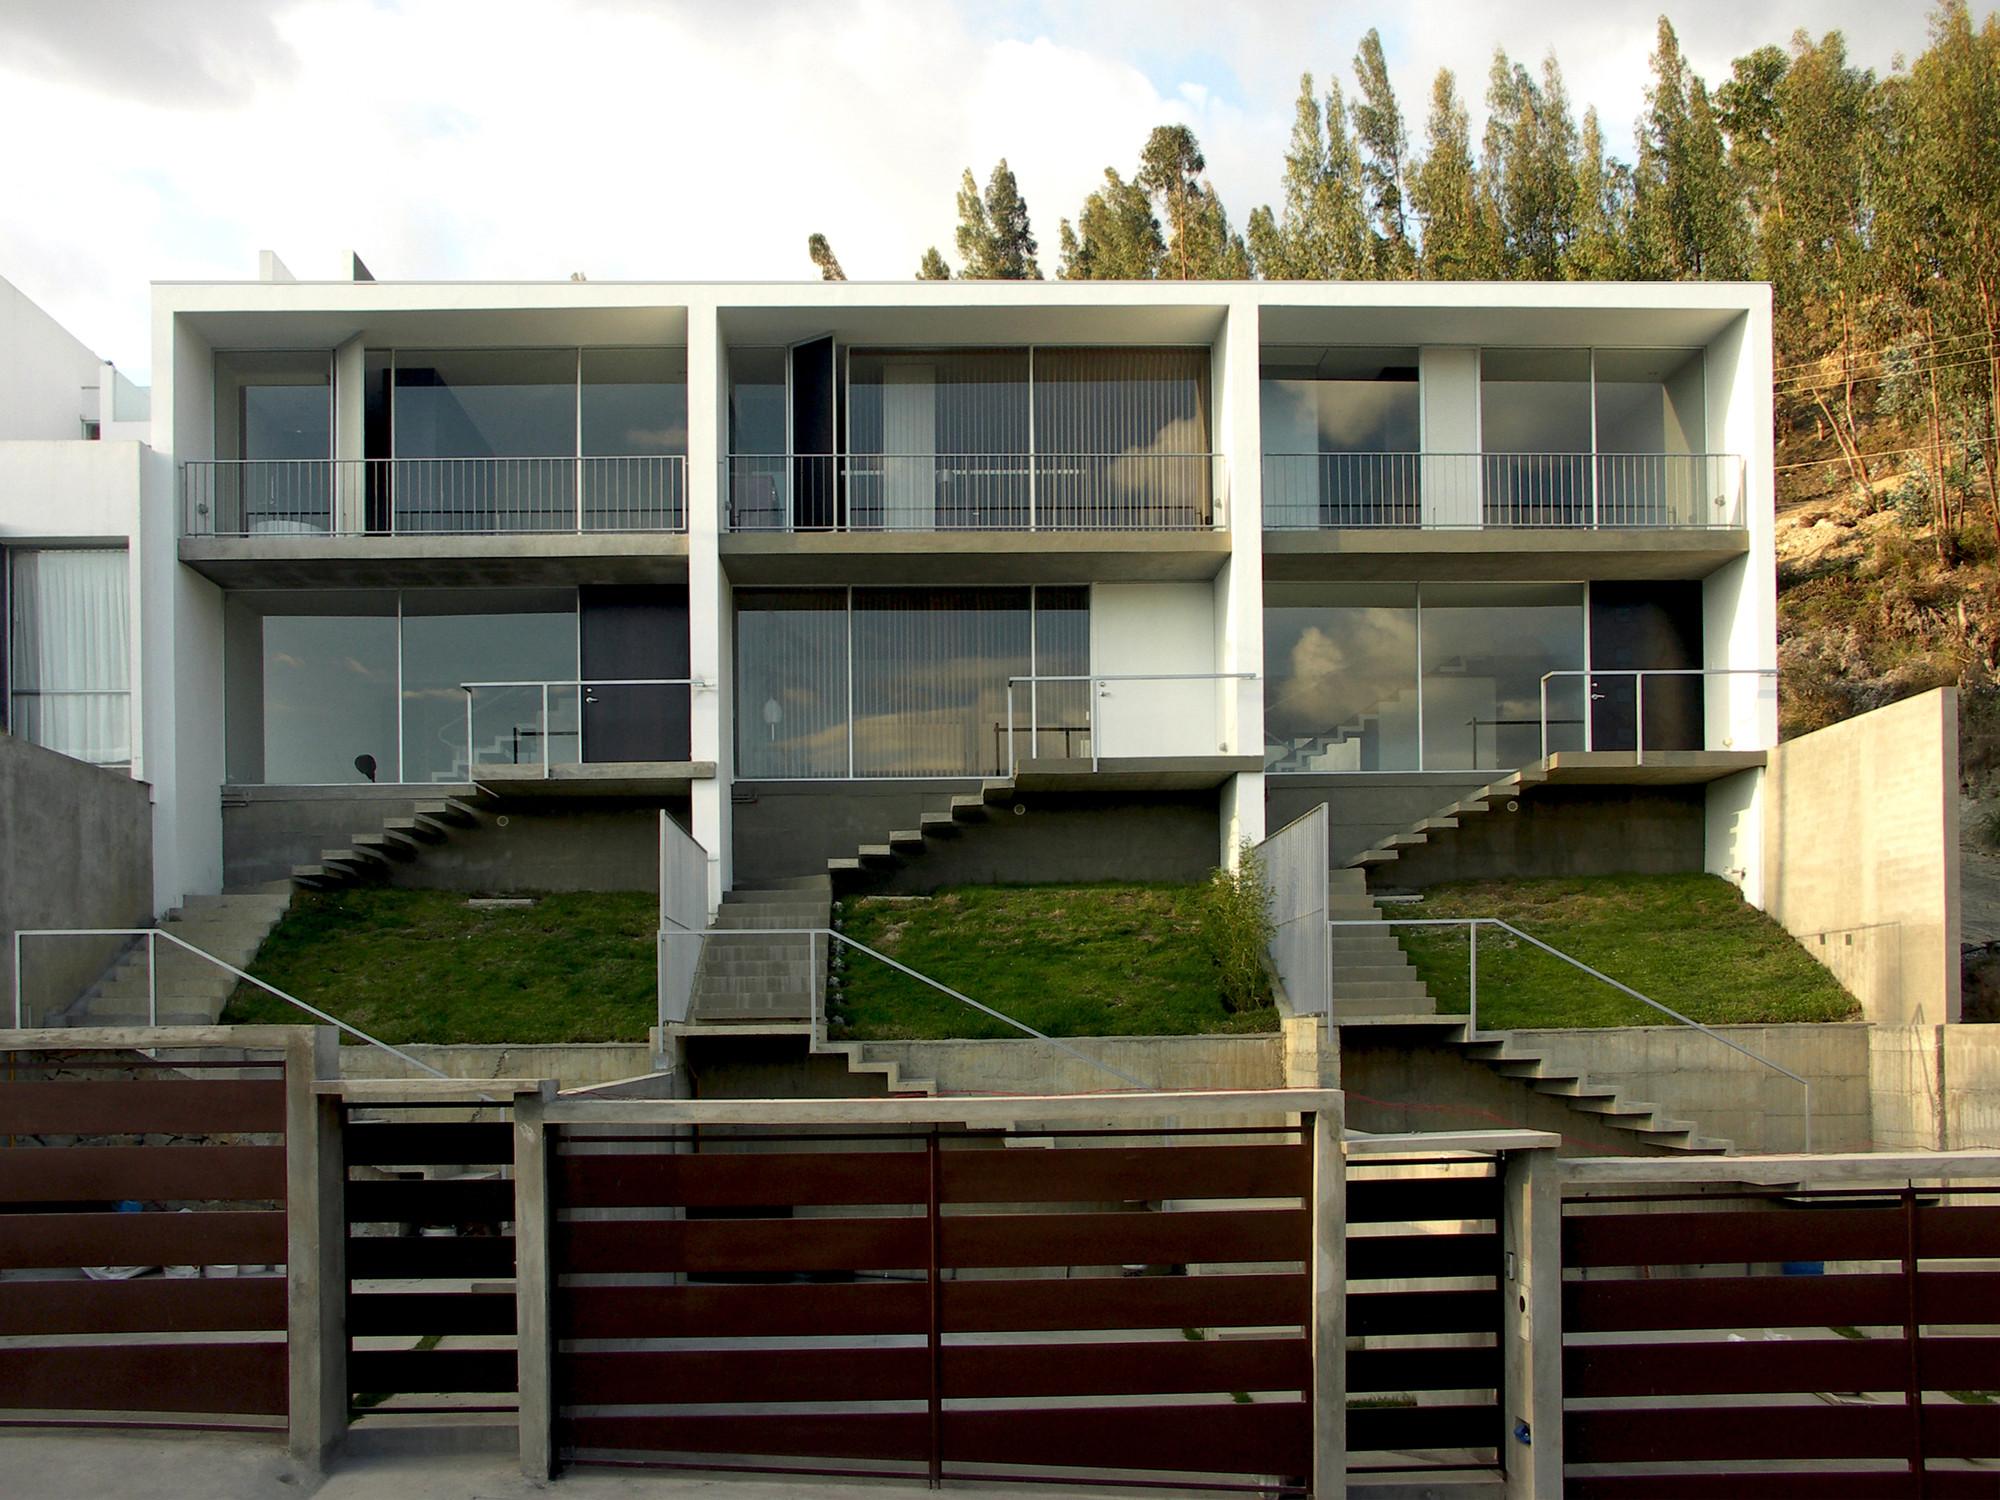 Aspasia 2 / Espinoza Carvajal Arquitectos, © Santiago Espinoza Carvajal